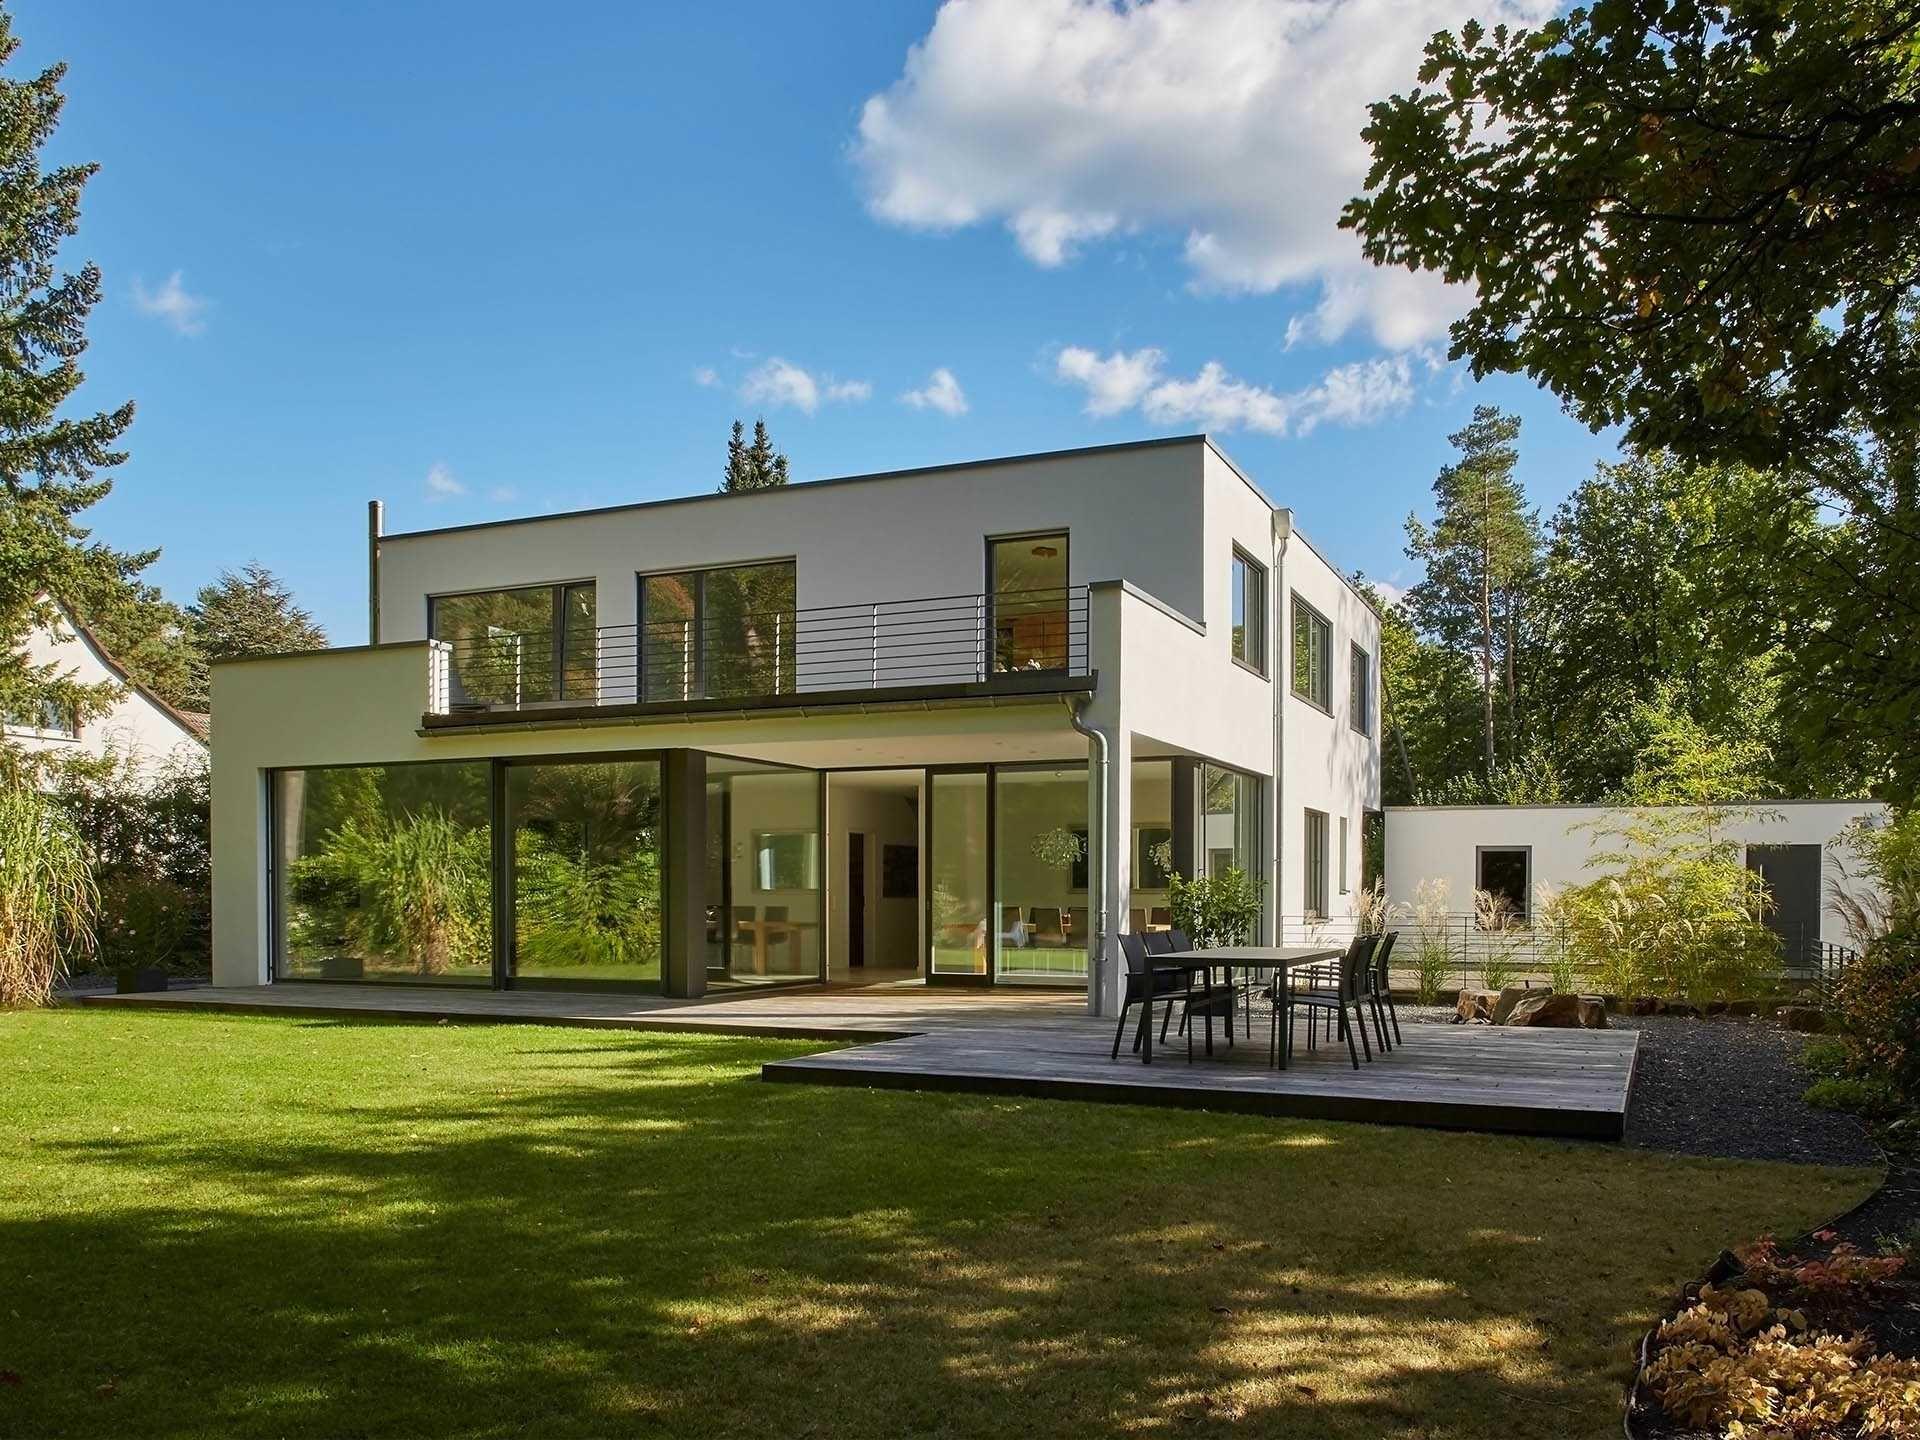 Designhaus Kubus Theodor Roreger Haus bauen, Haus